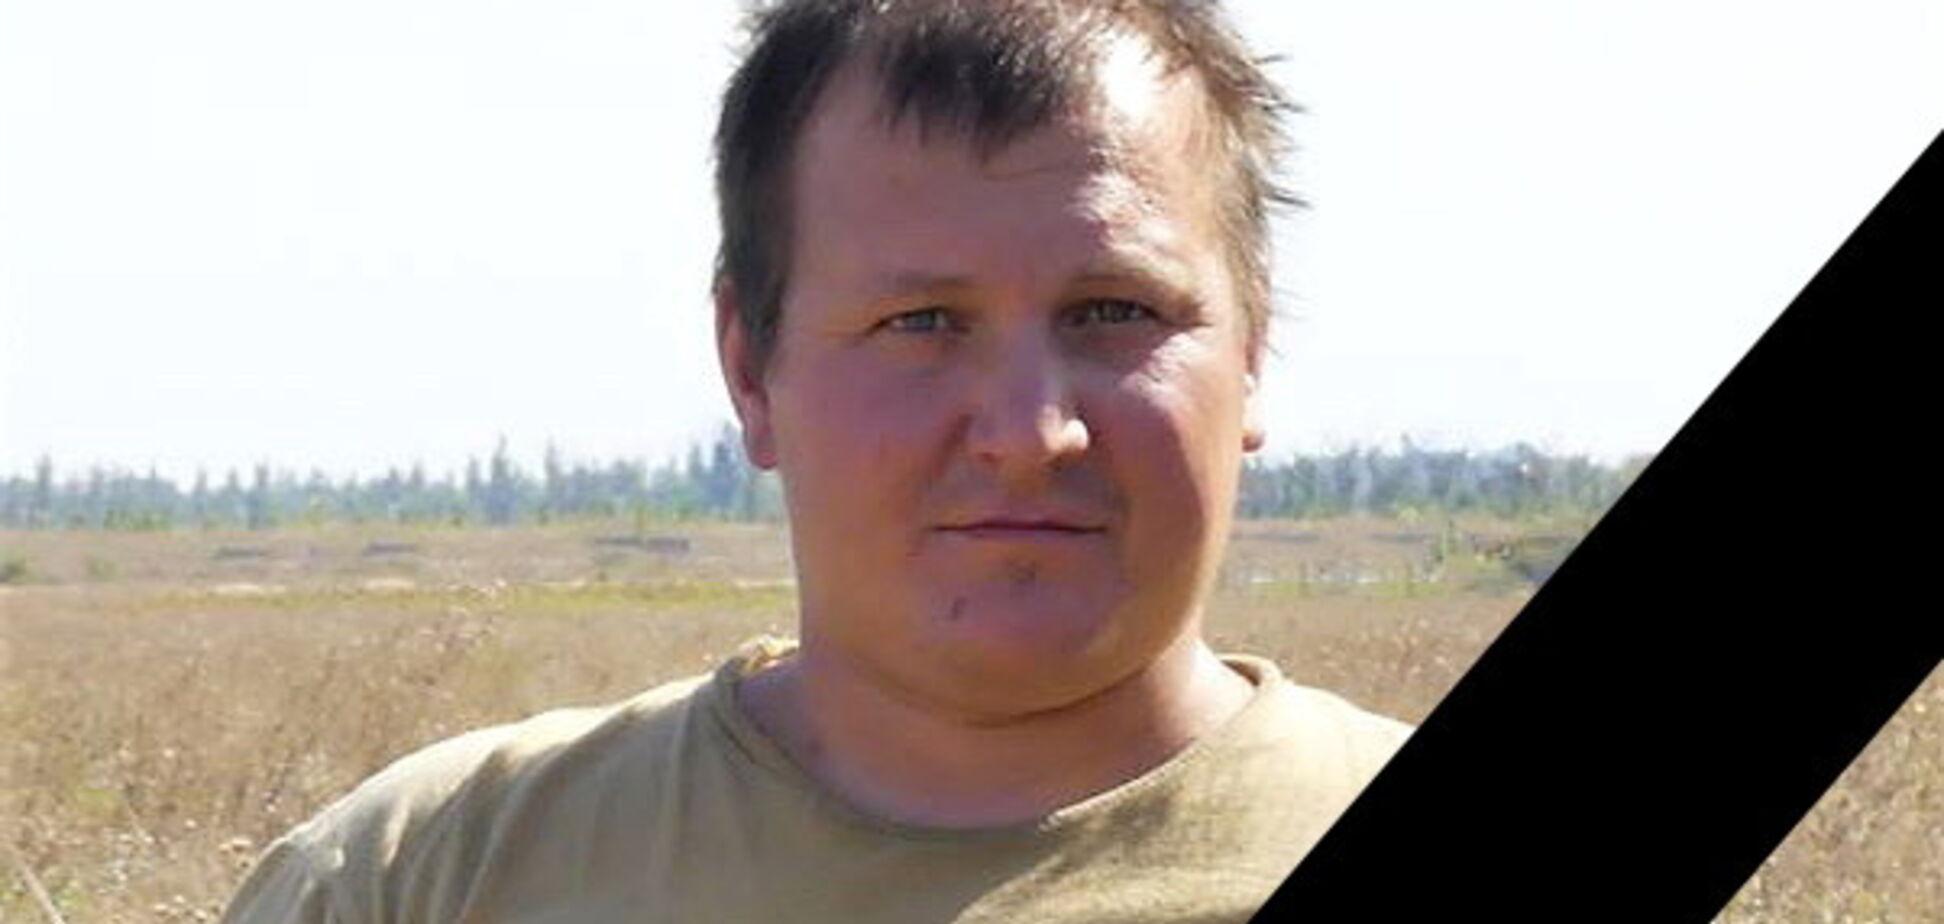 На Донбассе снайпер застрелил разведчика ВСУ: фото павшего Героя